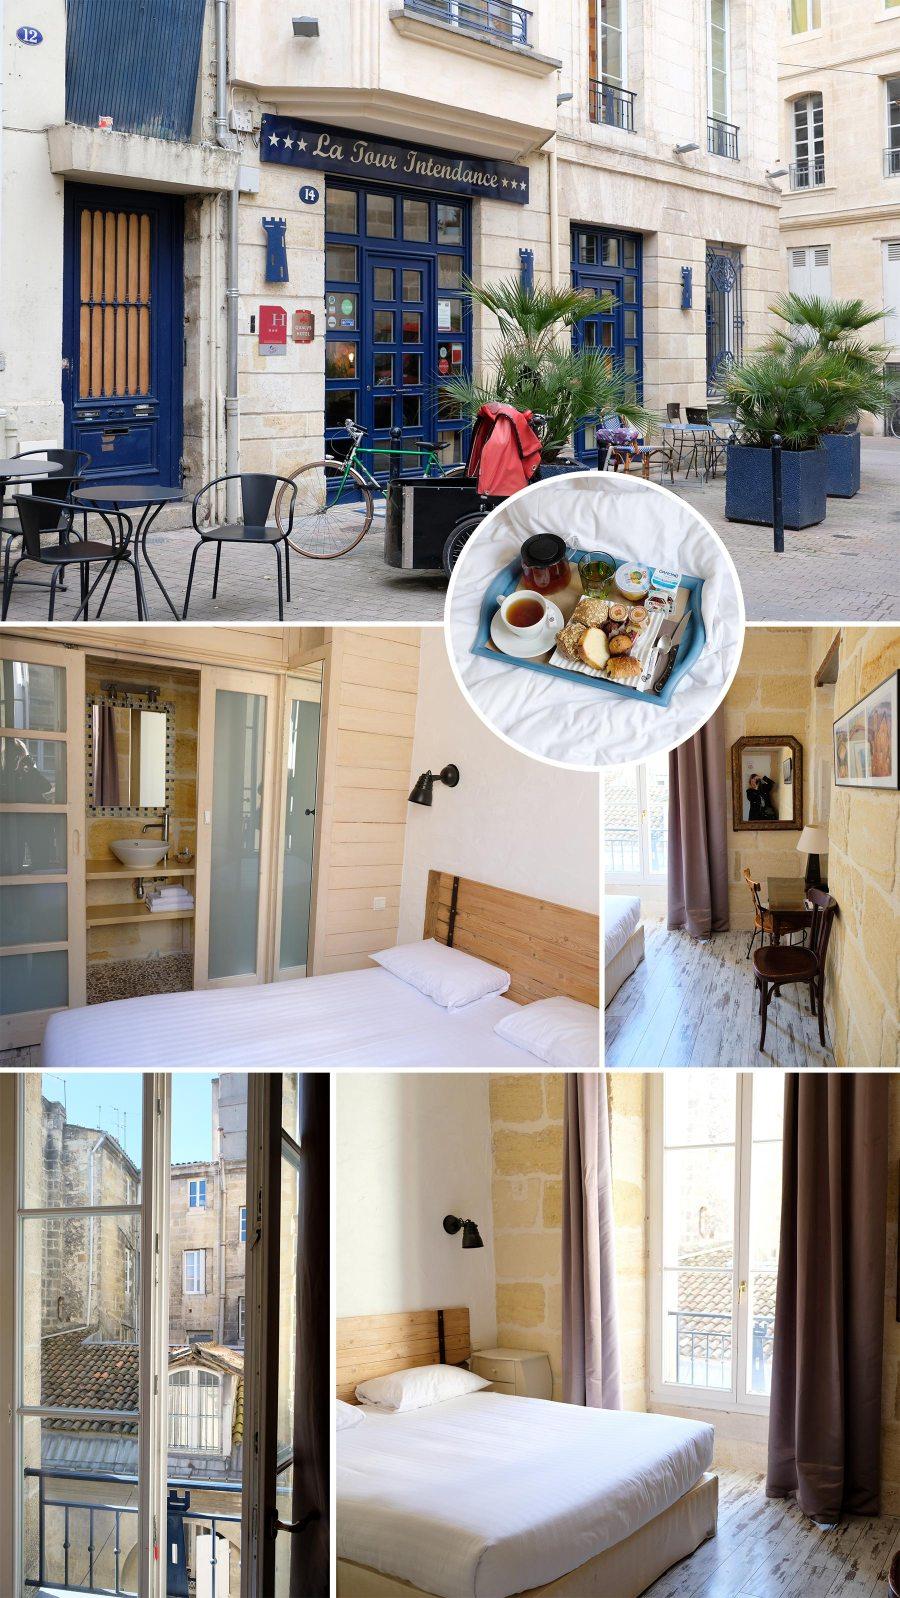 Hôtel de charme : La Tour intendance à Bordeaux